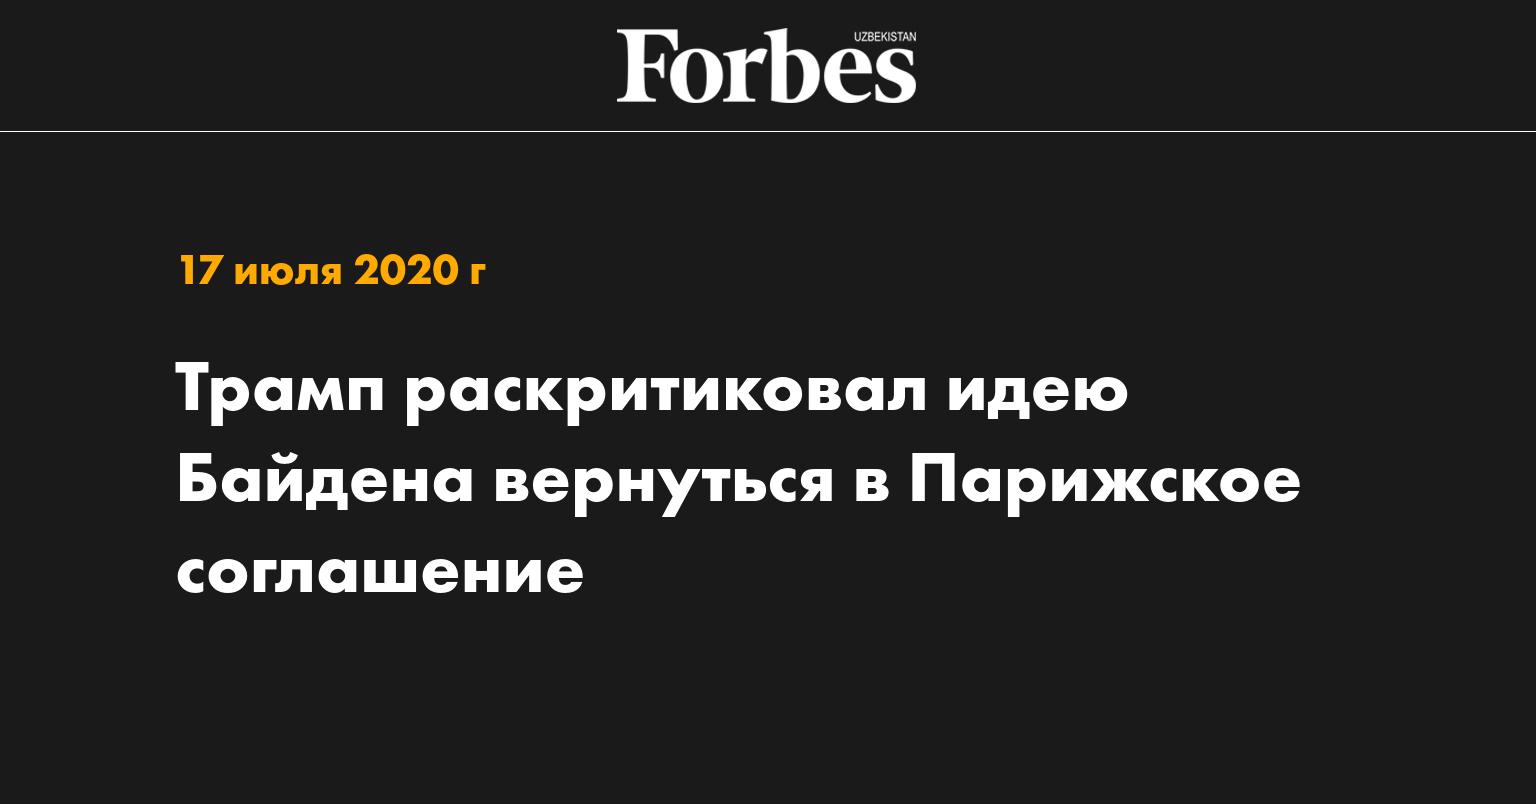 Трамп раскритиковал идею Байдена вернуться в Парижское соглашение